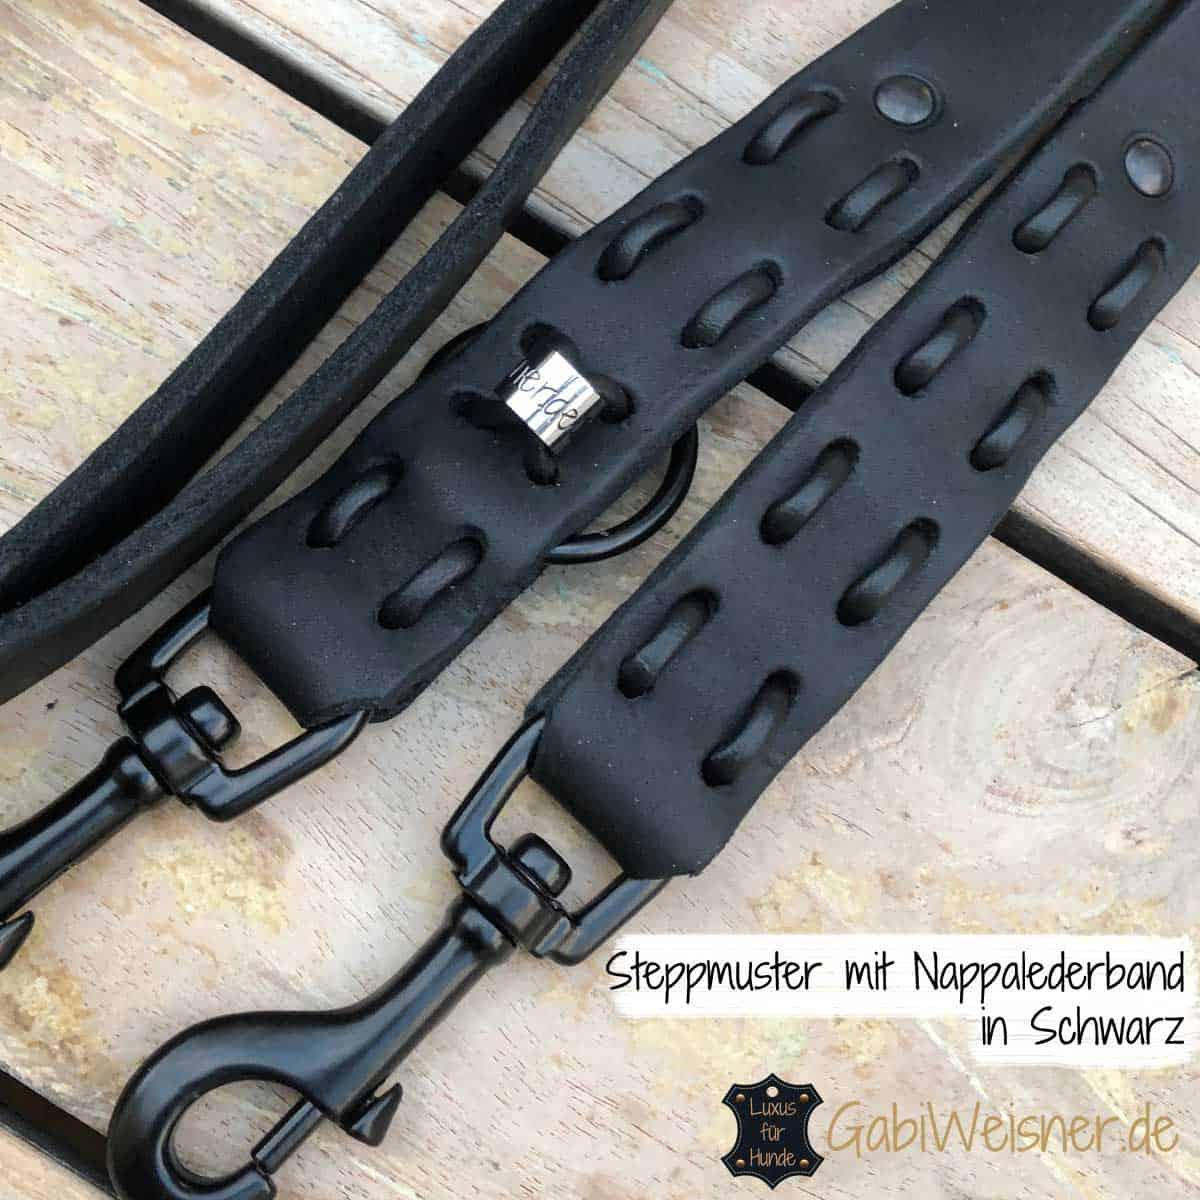 Steppmuster mit Nappalederband in Schwarz